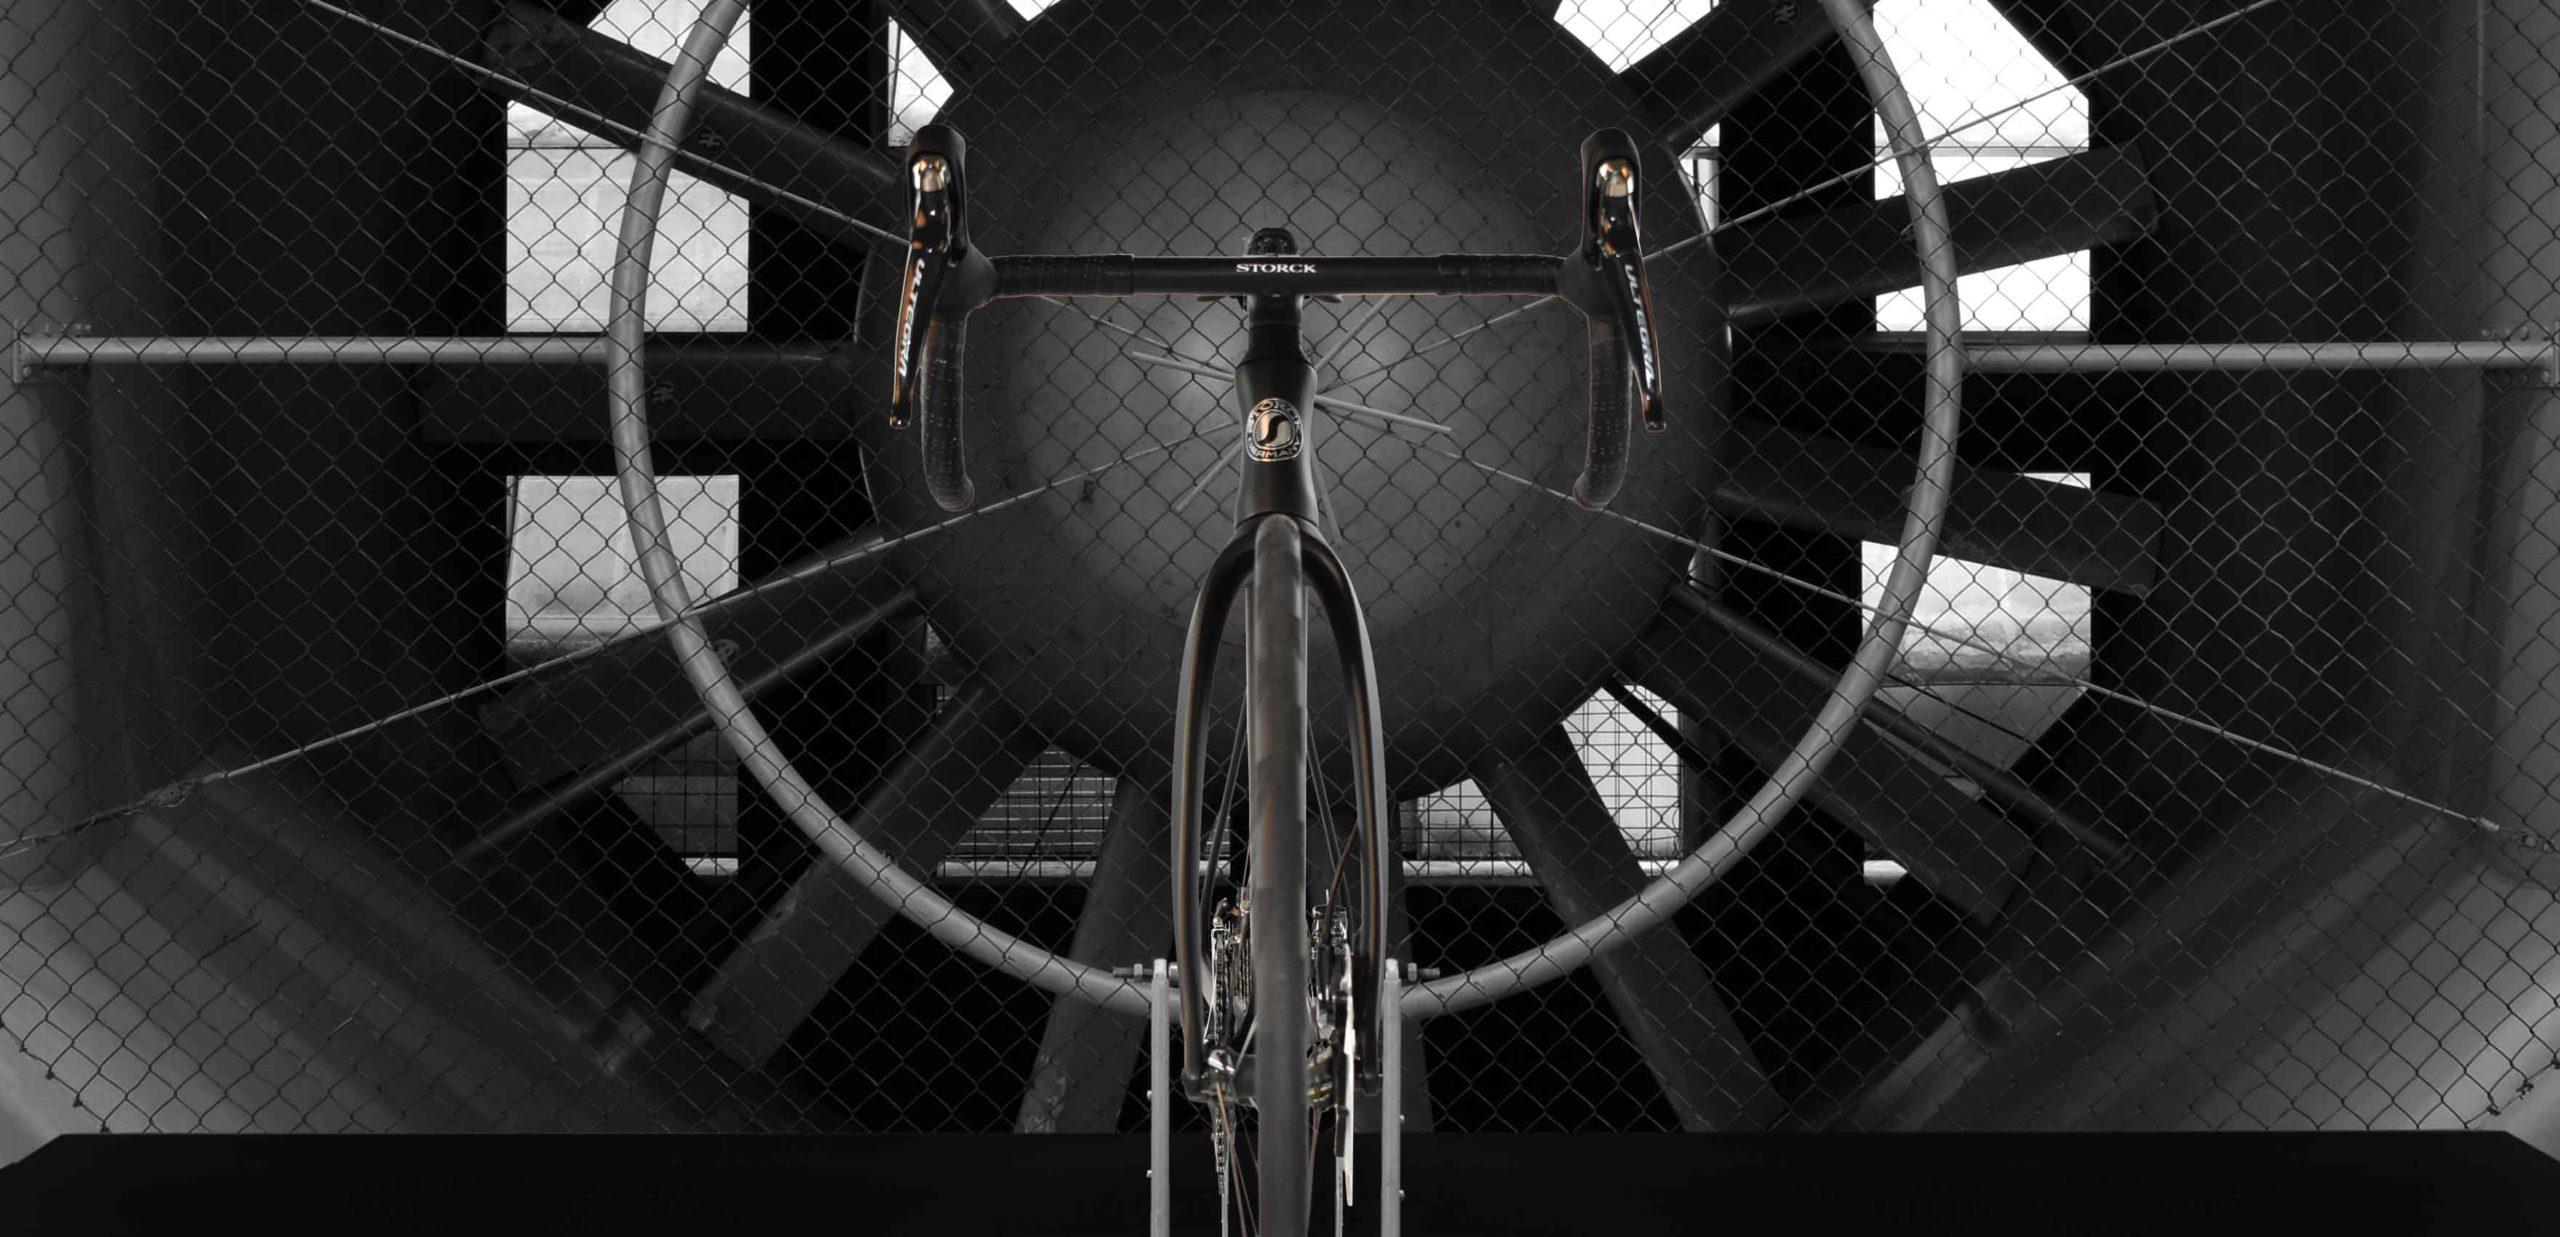 Storck Aerfast 3 tiene como objetivo una bicicleta de carretera más ligera, rápida y aerodinámica, ahora con frenos de disco